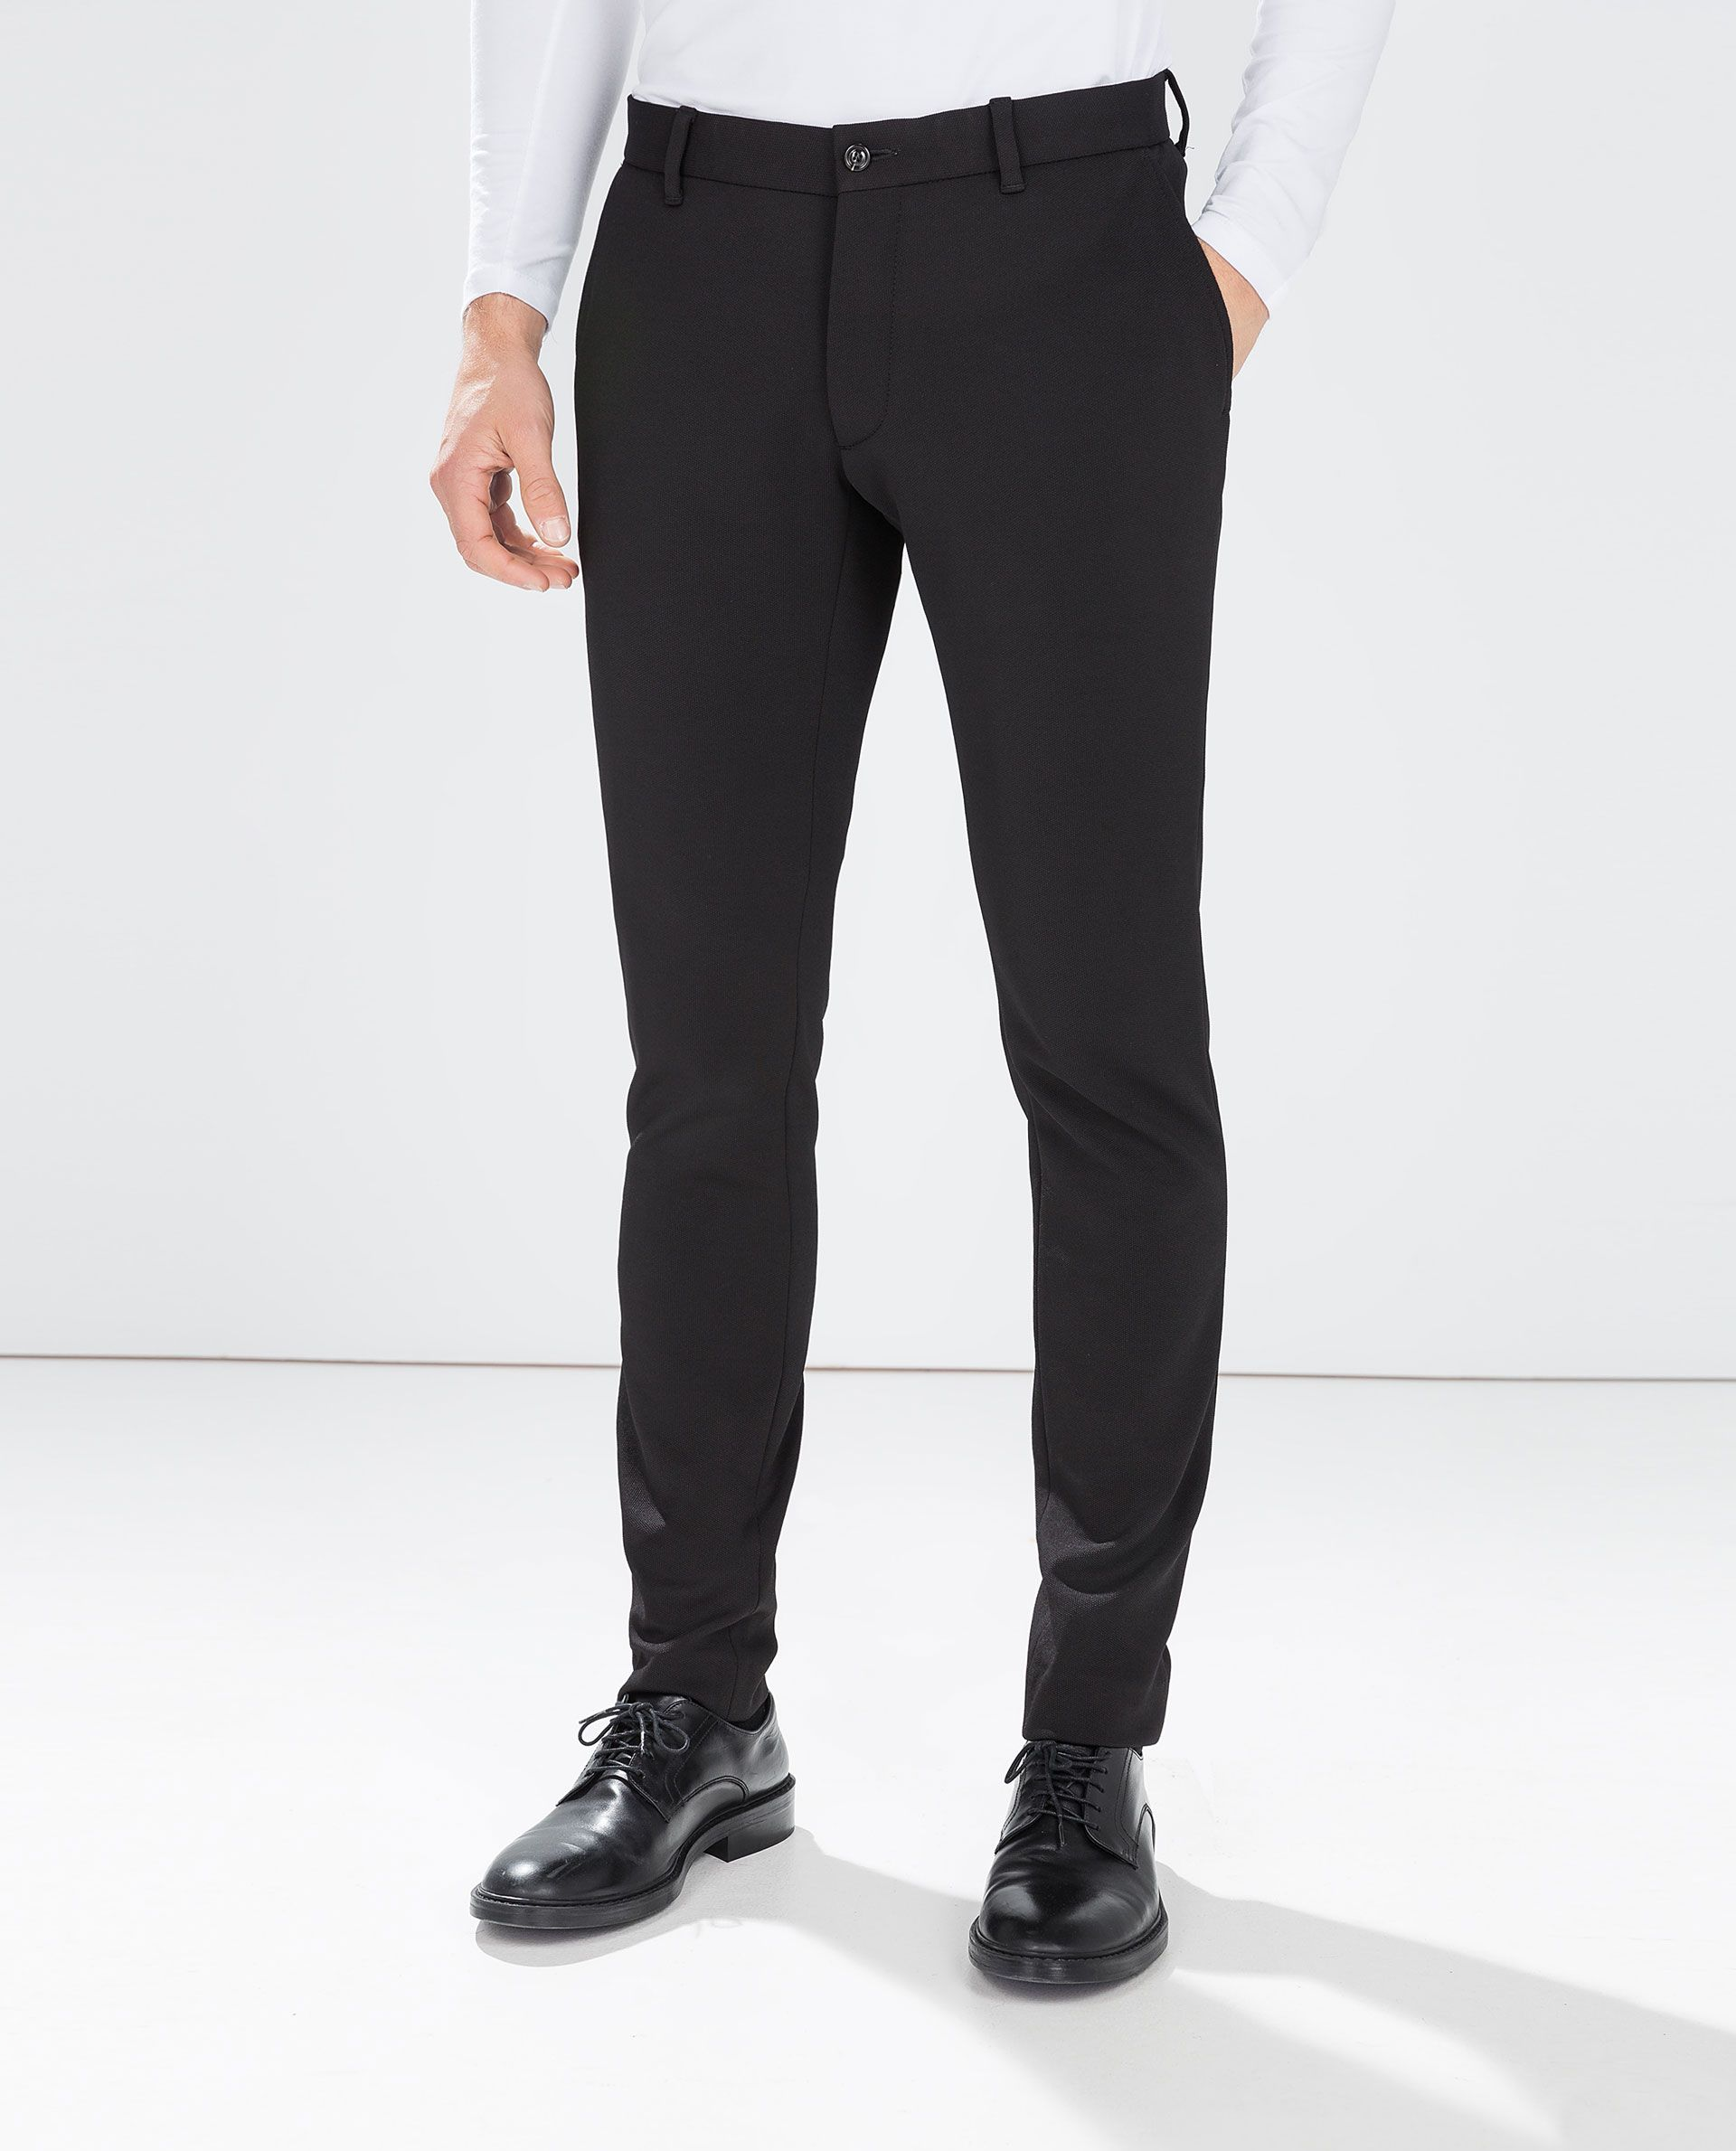 Pantalon Hombre Hombre Zara Zara Hombre Pantalon Zara